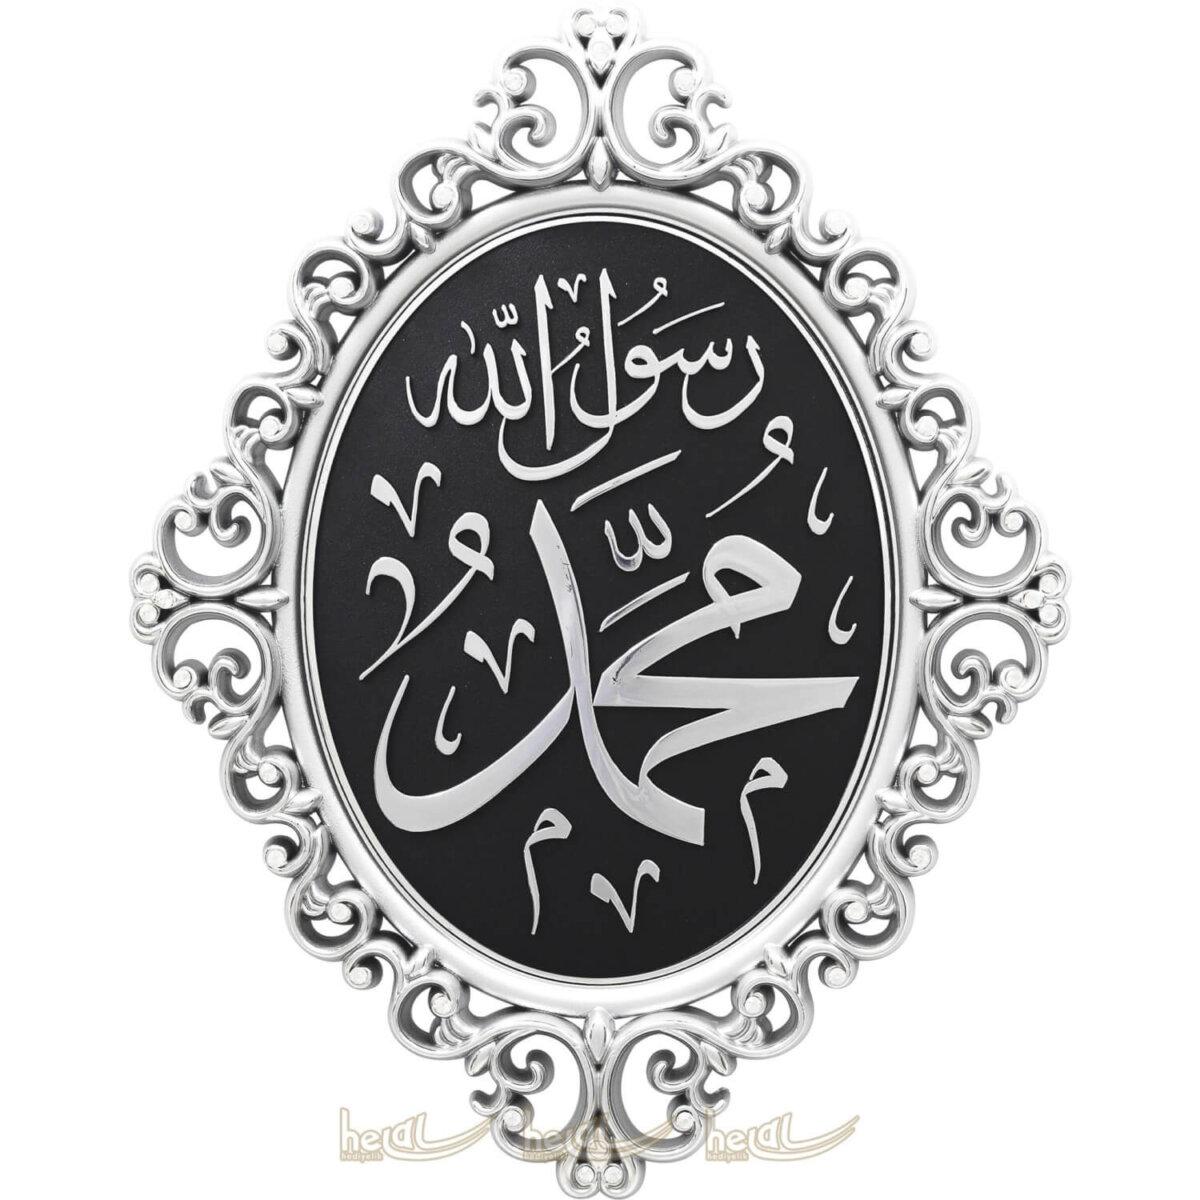 24x31cm İsmi Nebi Muhammed sav. Lafzı Osmanlı Motifli Modern Lüks Duvar Panosu Ayetli Ürünler